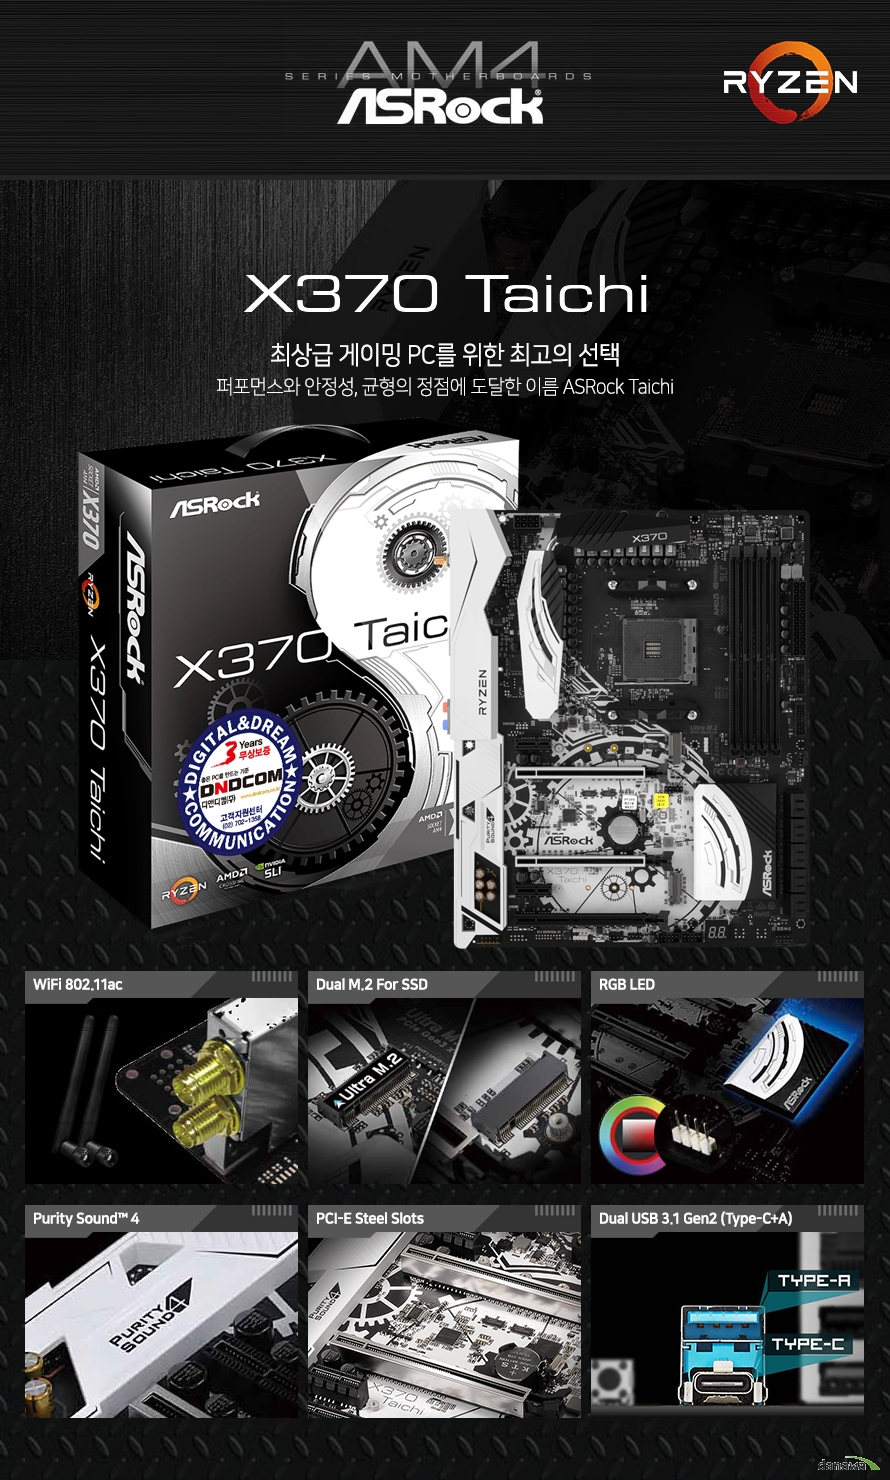 최상급 게이밍 PC를 위한 최고의 선택 퍼포먼스의 정점에 도달한 이름 ASRock Taichi